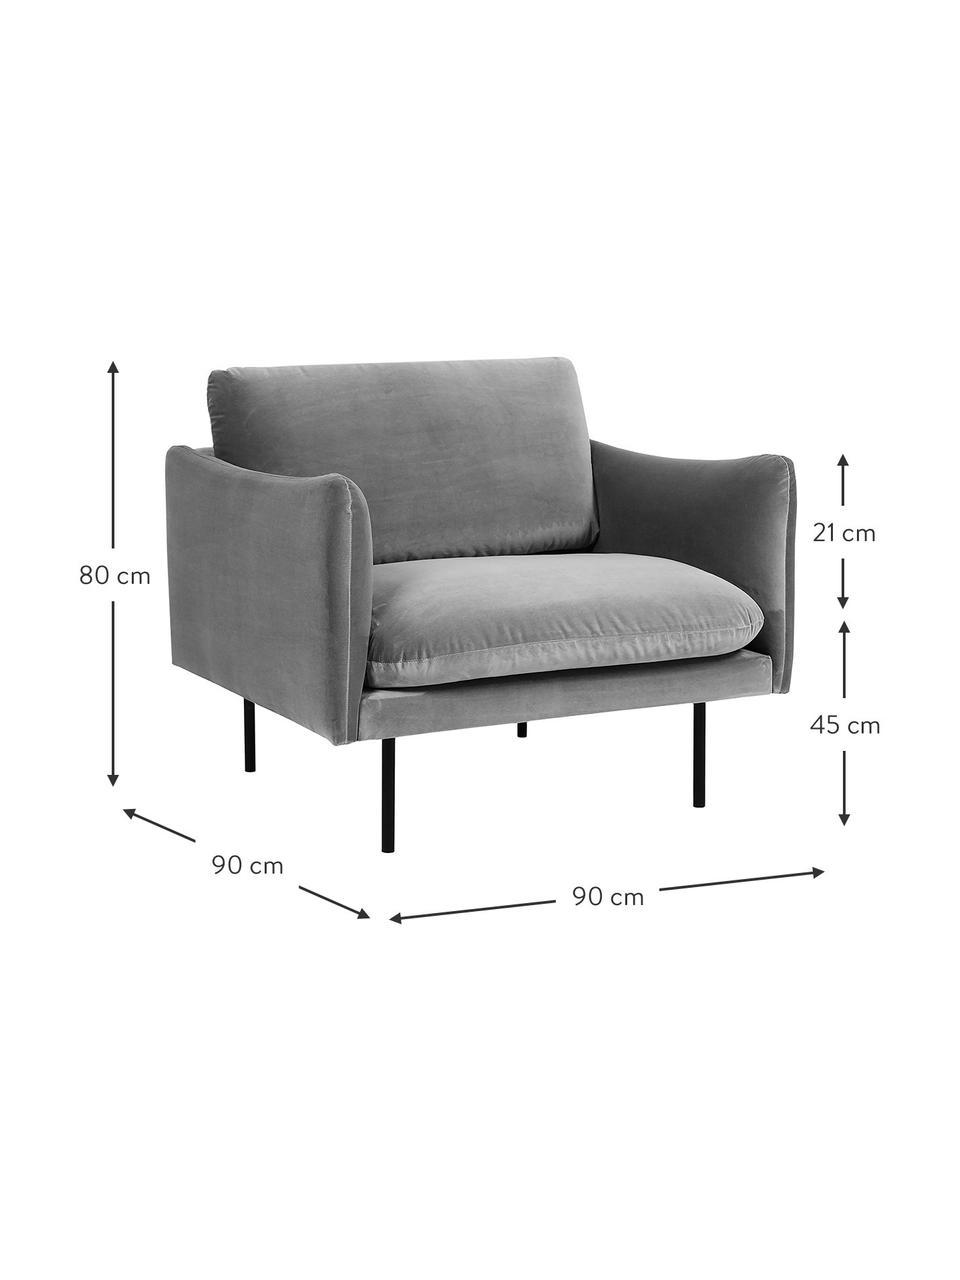 Samt-Sessel Moby in Grau mit Metall-Füßen, Bezug: Samt (Hochwertiger Polyes, Gestell: Massives Kiefernholz, Füße: Metall, pulverbeschichtet, Samt Grau, B 90 x T 90 cm